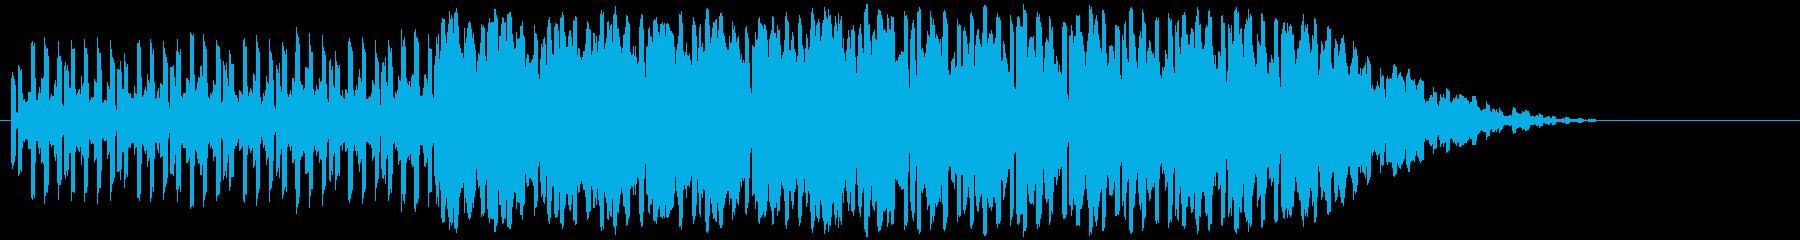 エレキギター+テクノ系001澄んだエレ…の再生済みの波形